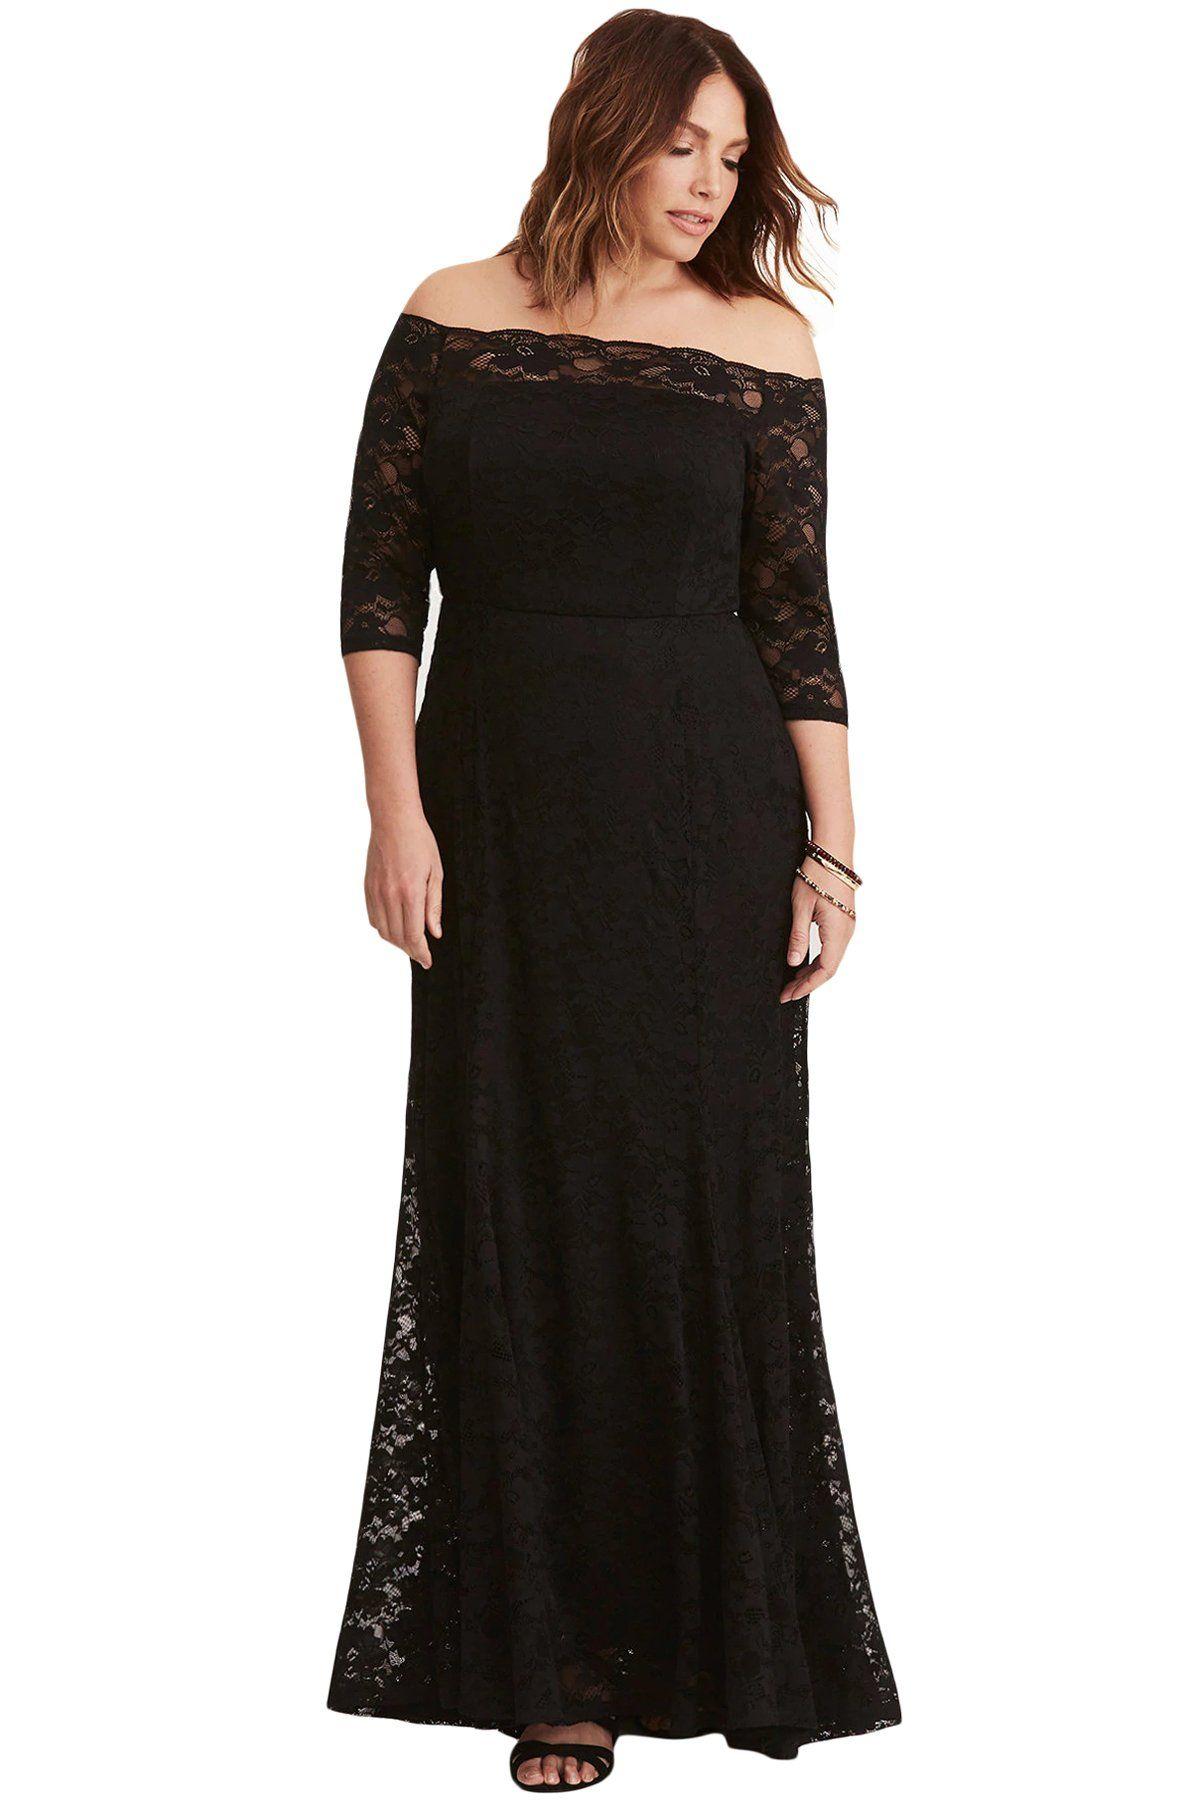 Black plus size lace off shoulder party maxi dress plus size party